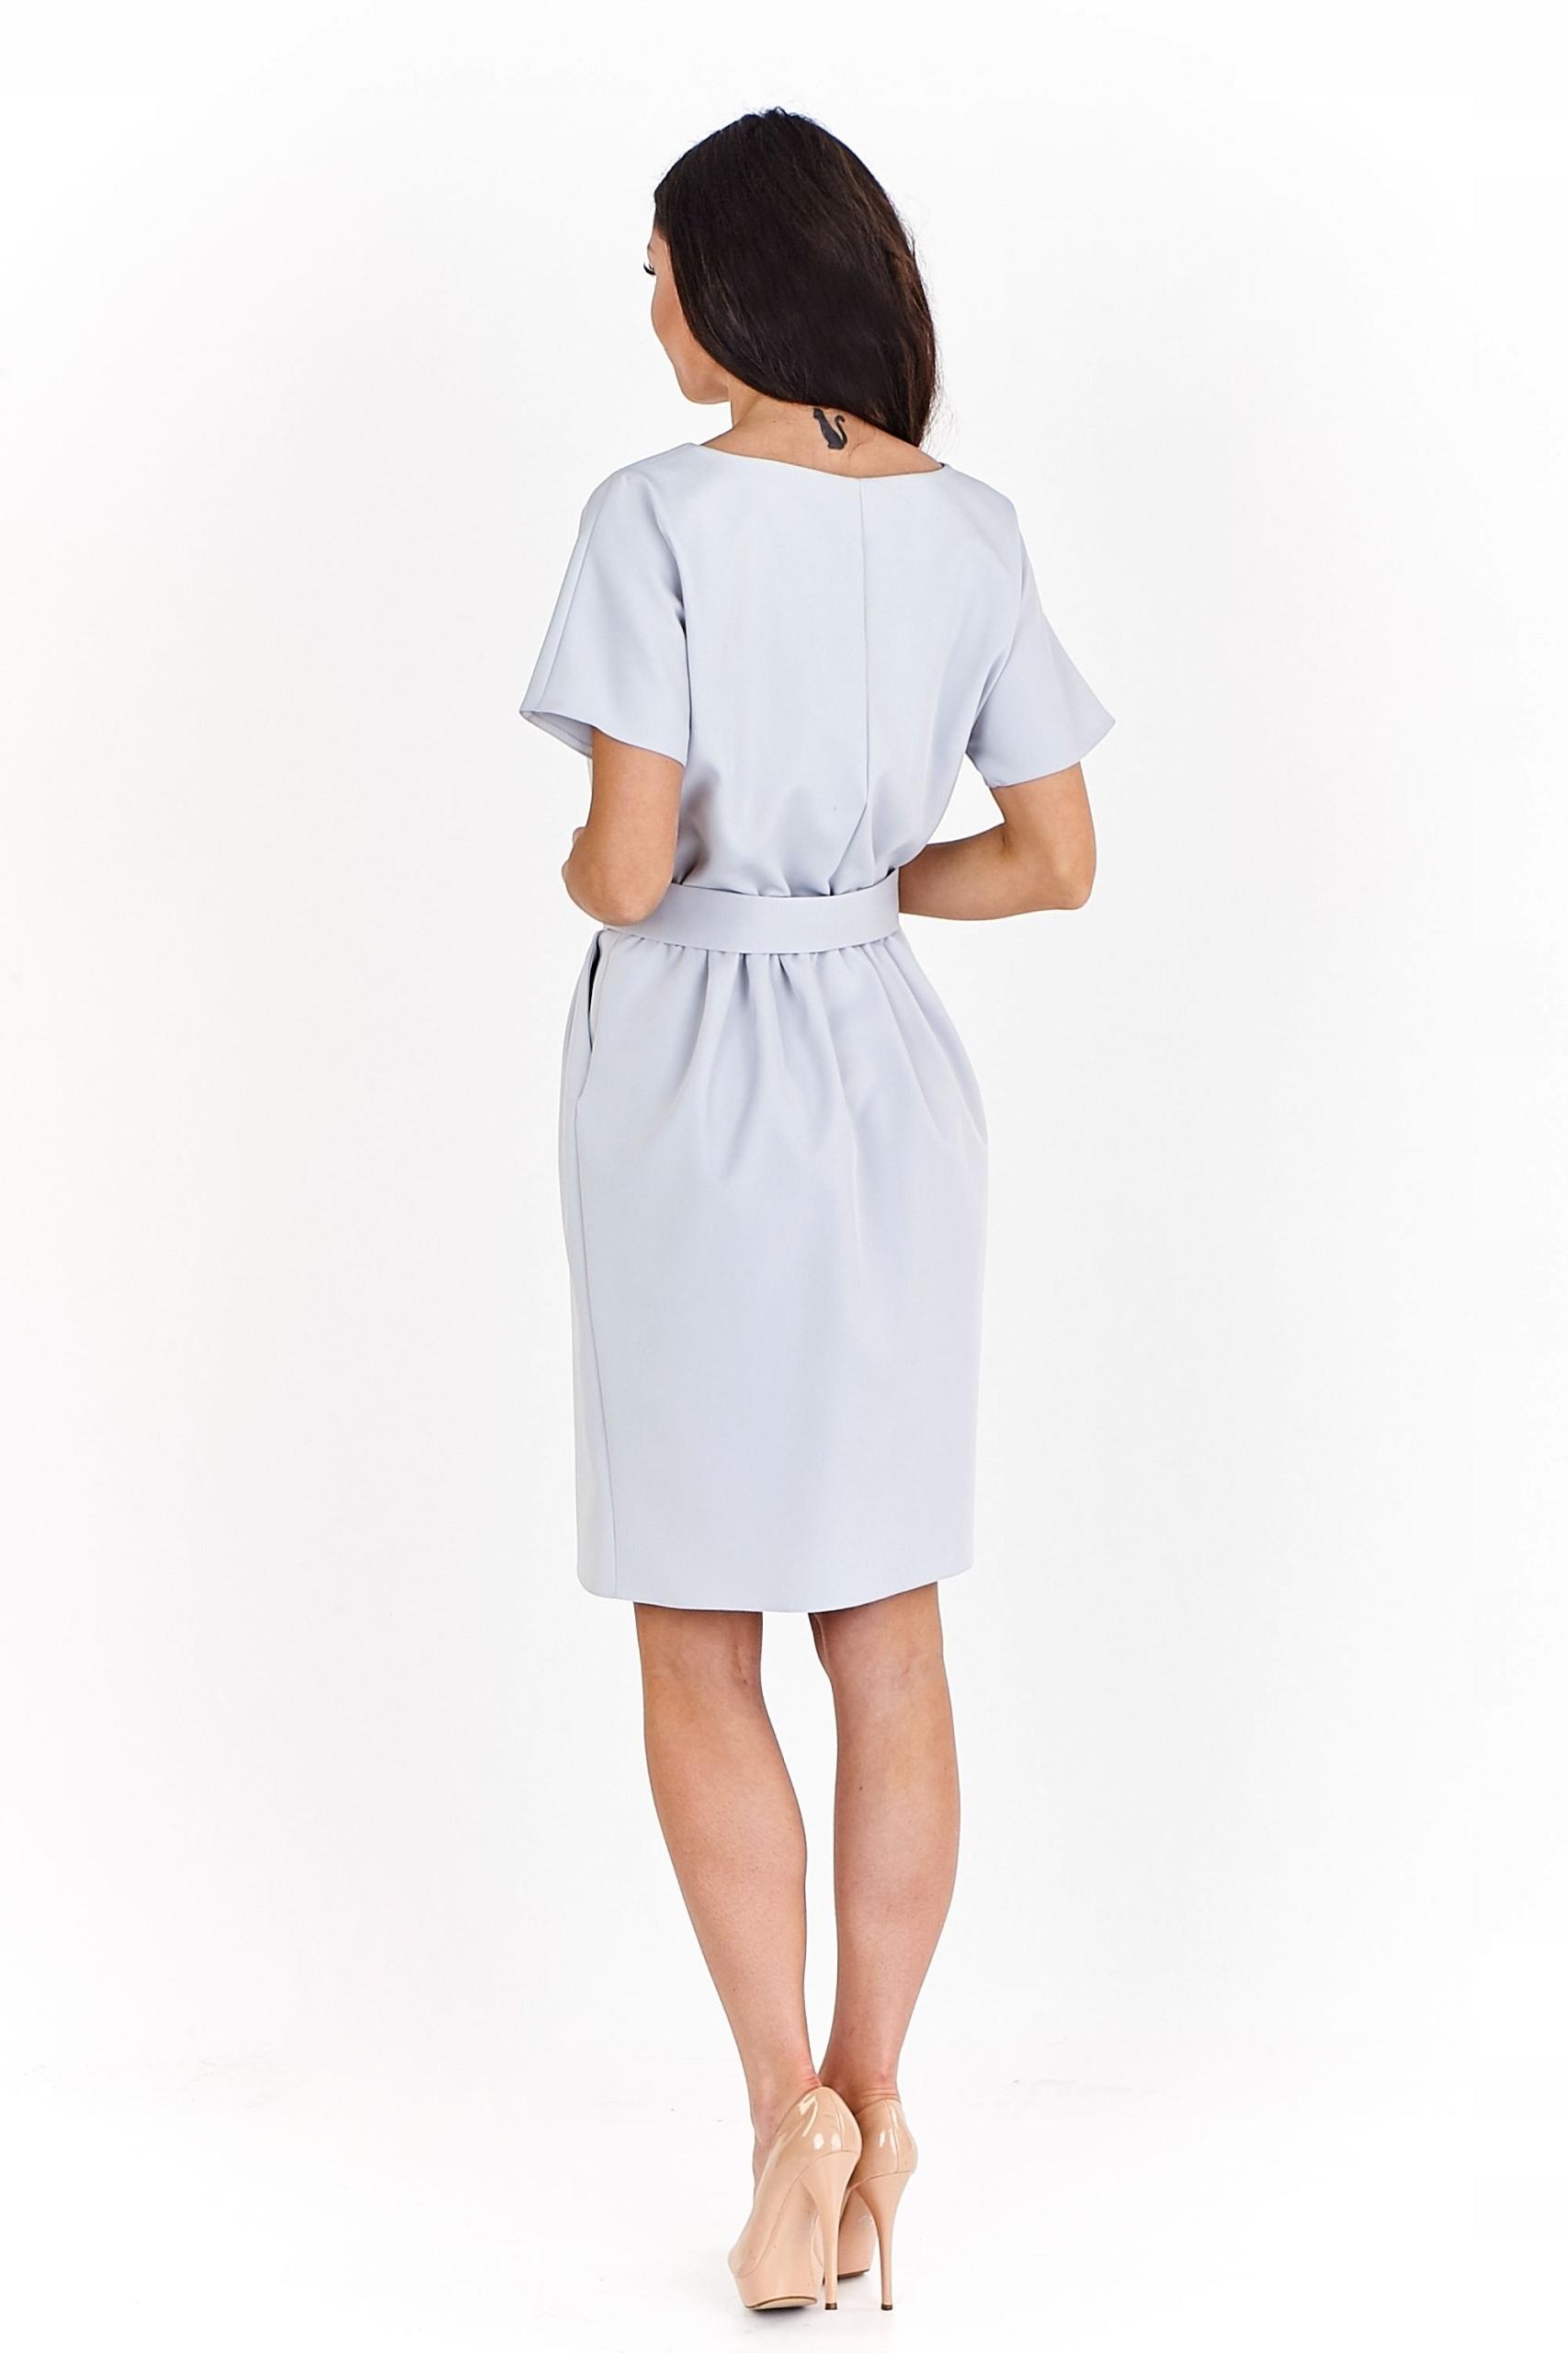 272b06e484 Pudełkowa sukienka z krótkim rękawem Szary 34 - 7452003519 ...